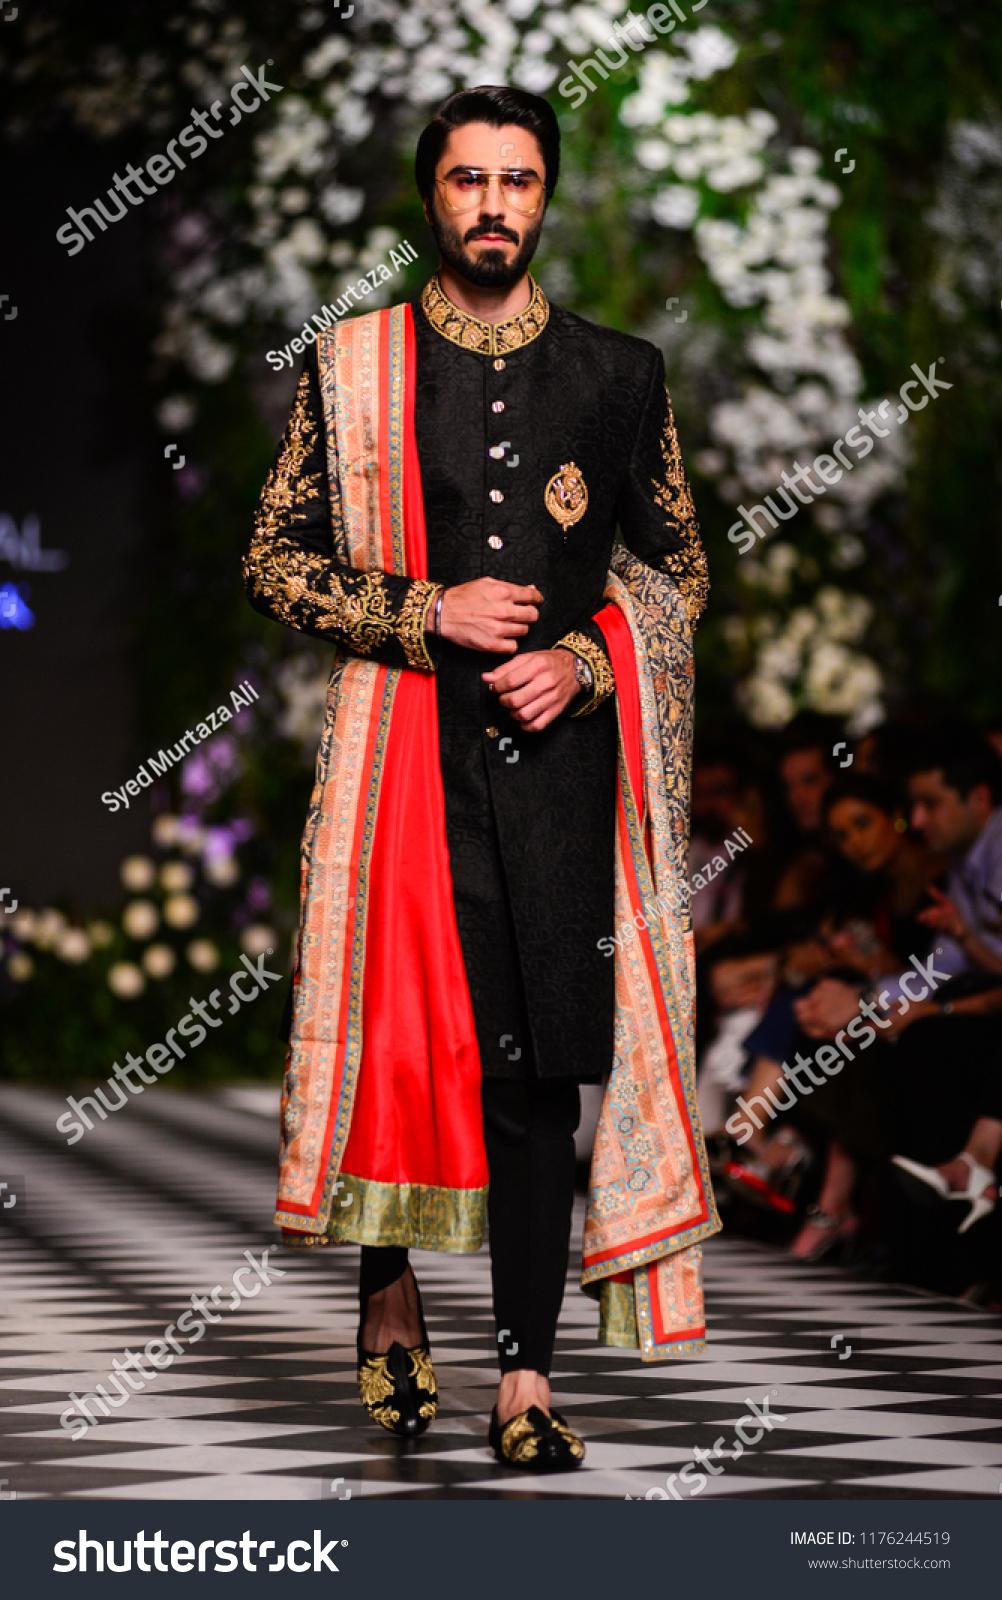 Pakistanlahore Models Presents Creation Pakistani Designer Beauty Fashion Stock Image 1176244519